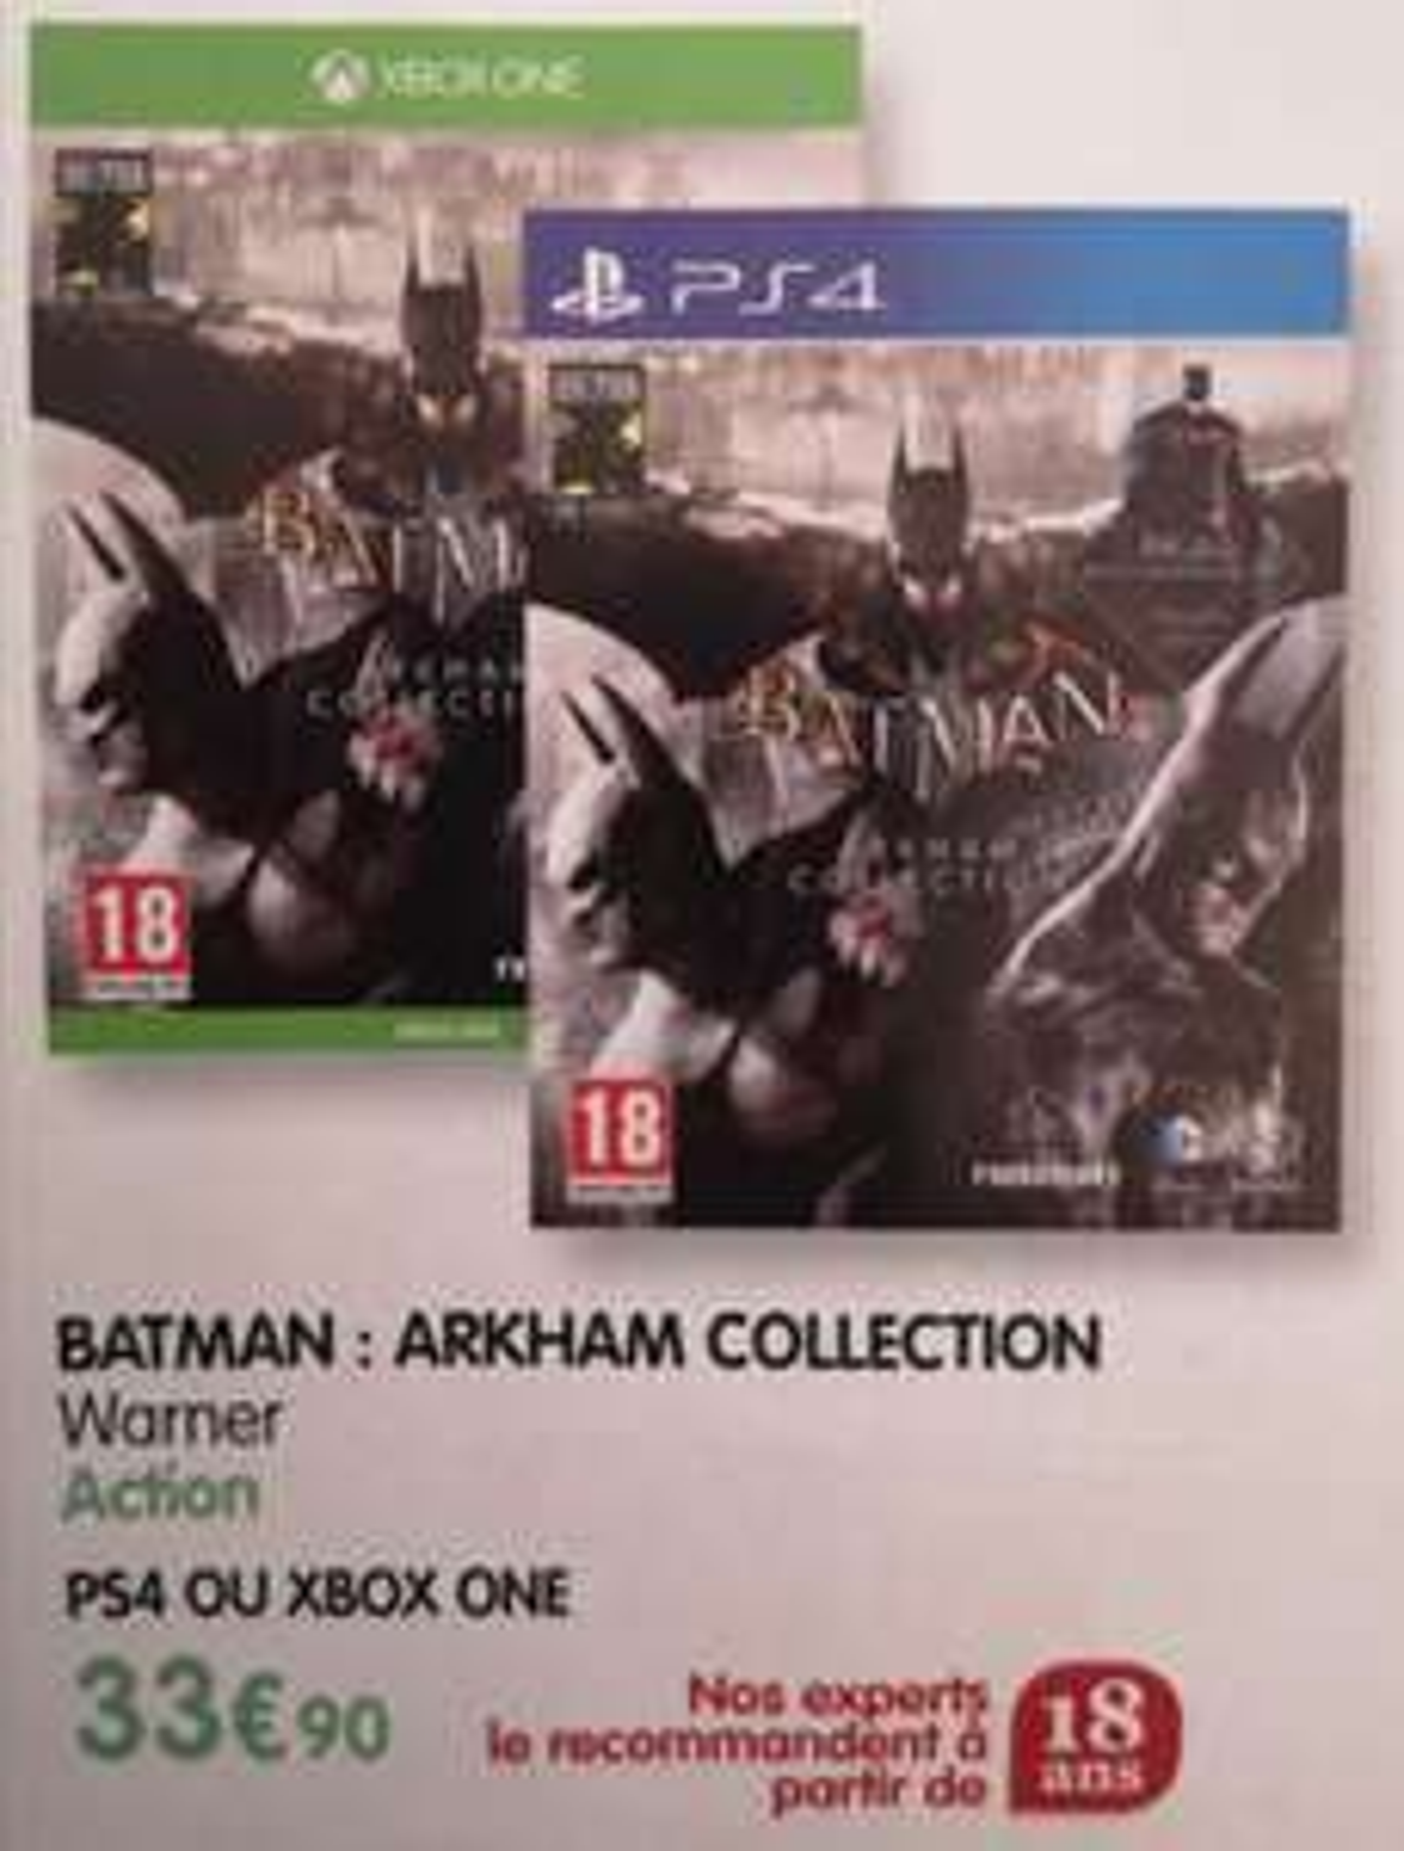 Batman : Arkham Collection sur PS4 ou Xbox One